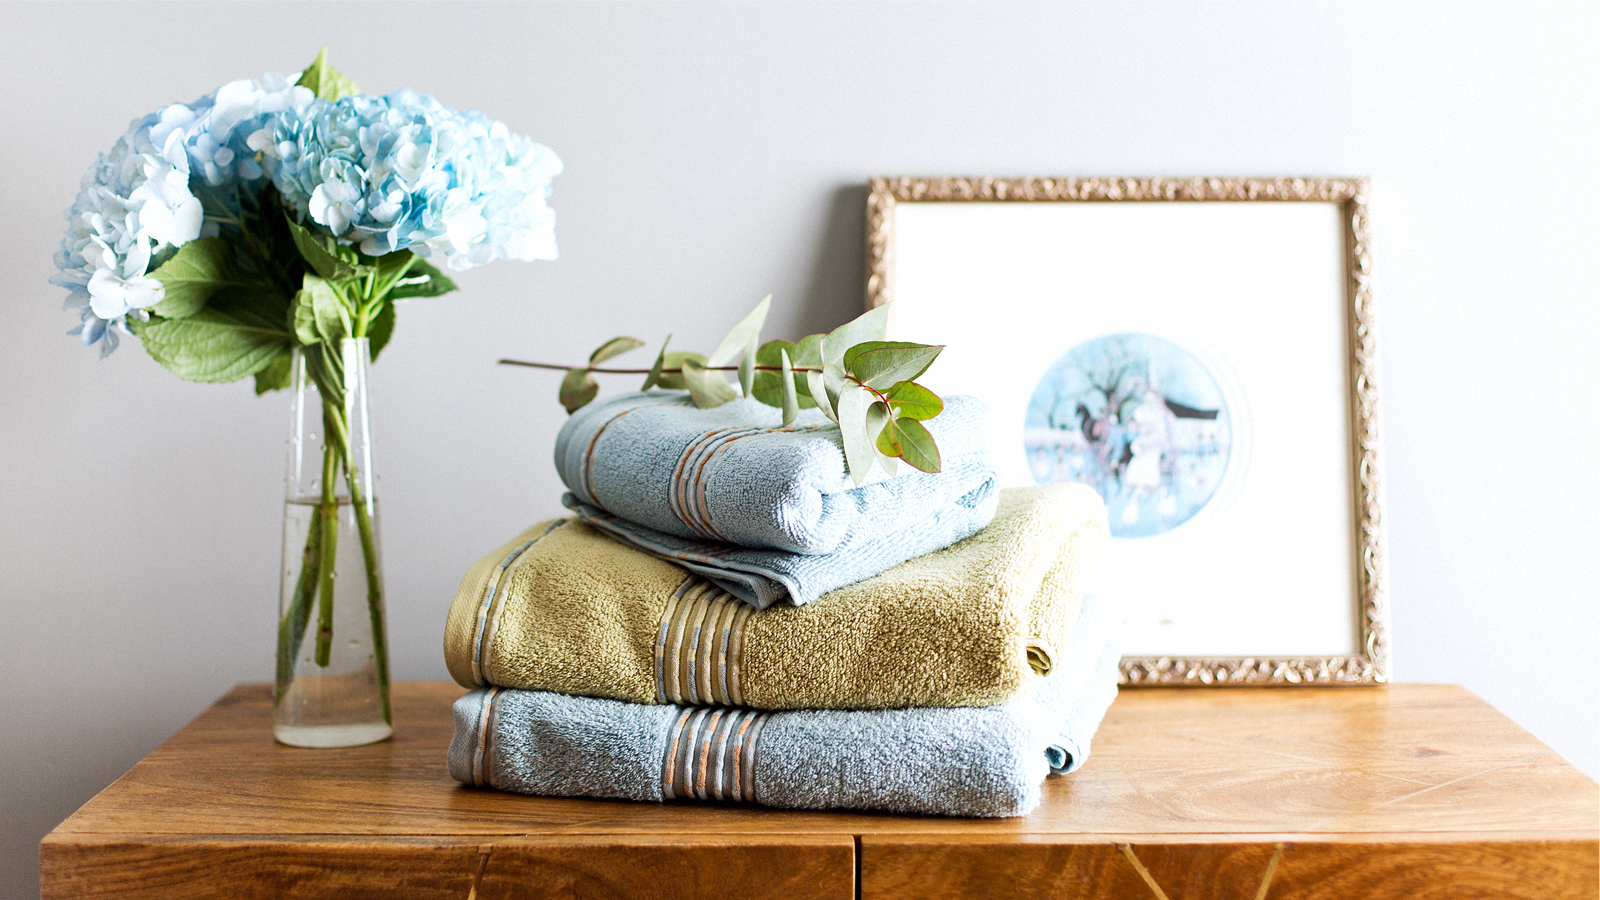 Ecotex —домашний текстиль, позволяющий наполнить пространство атмосферой уюта и комфорта